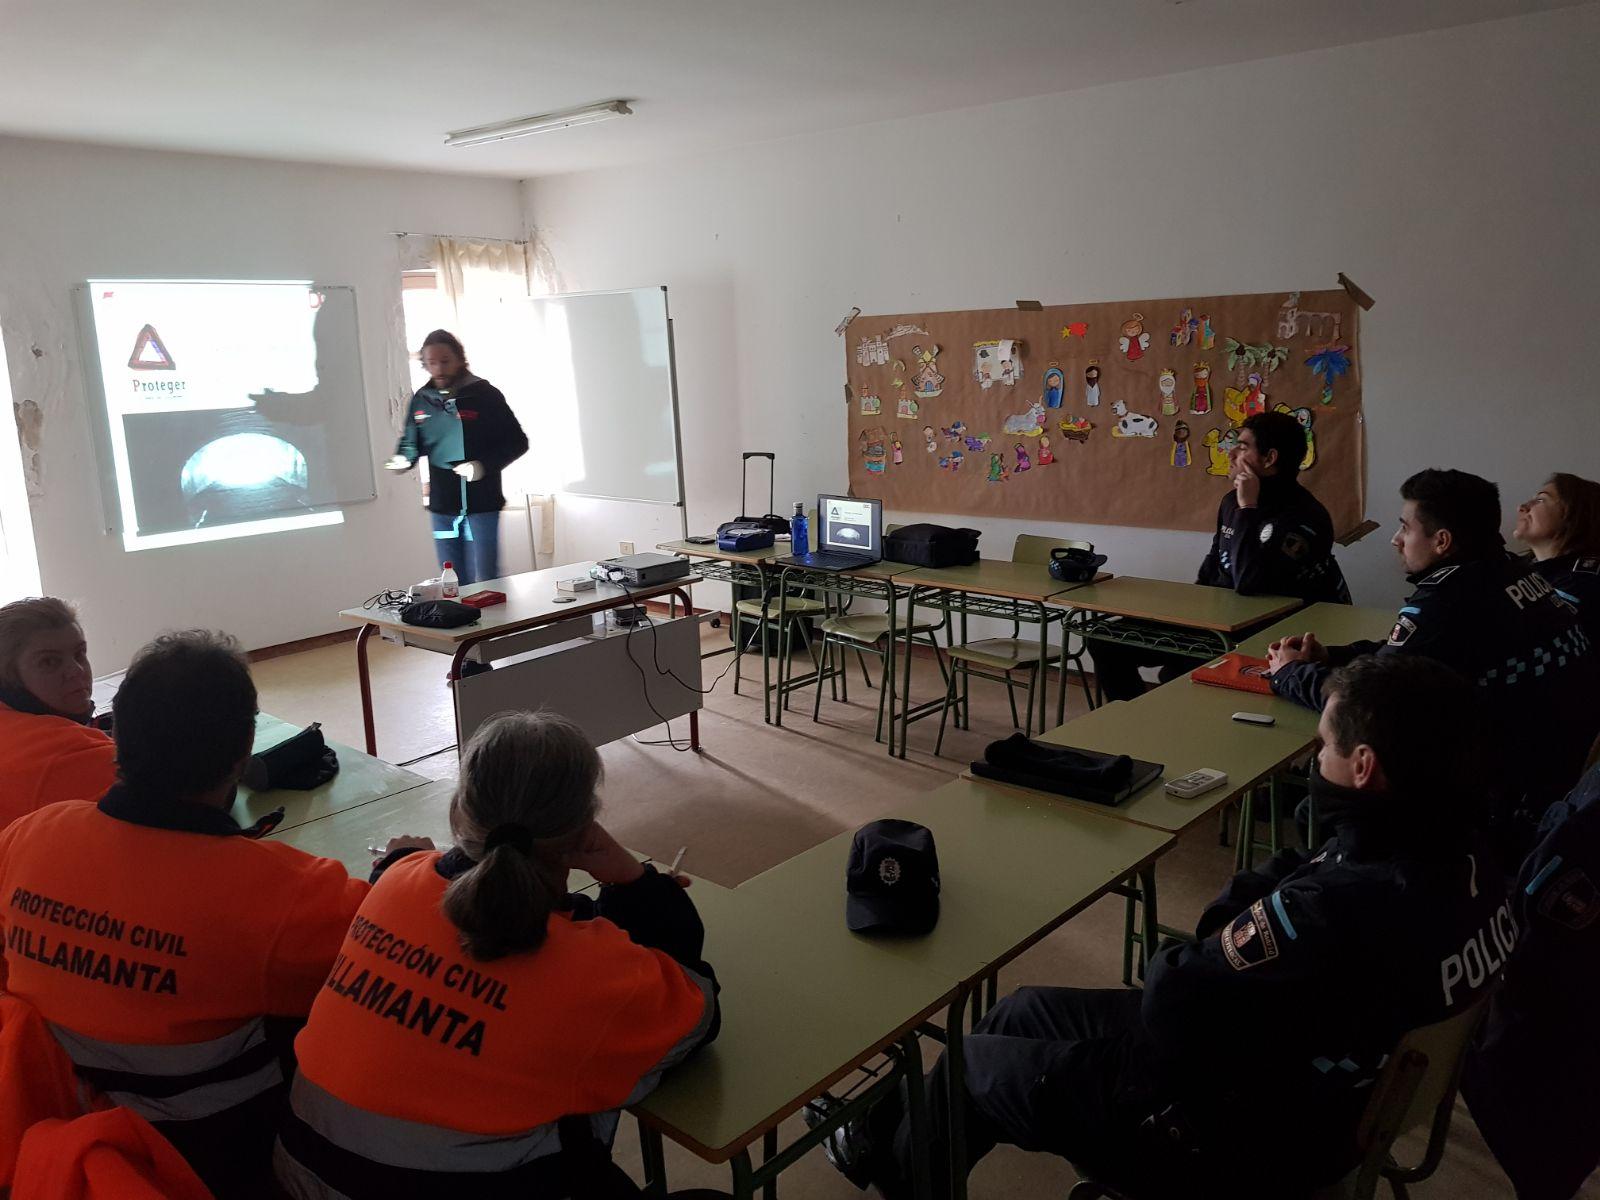 Imagen del curso de utilización del defibrilador a policía y protección civil